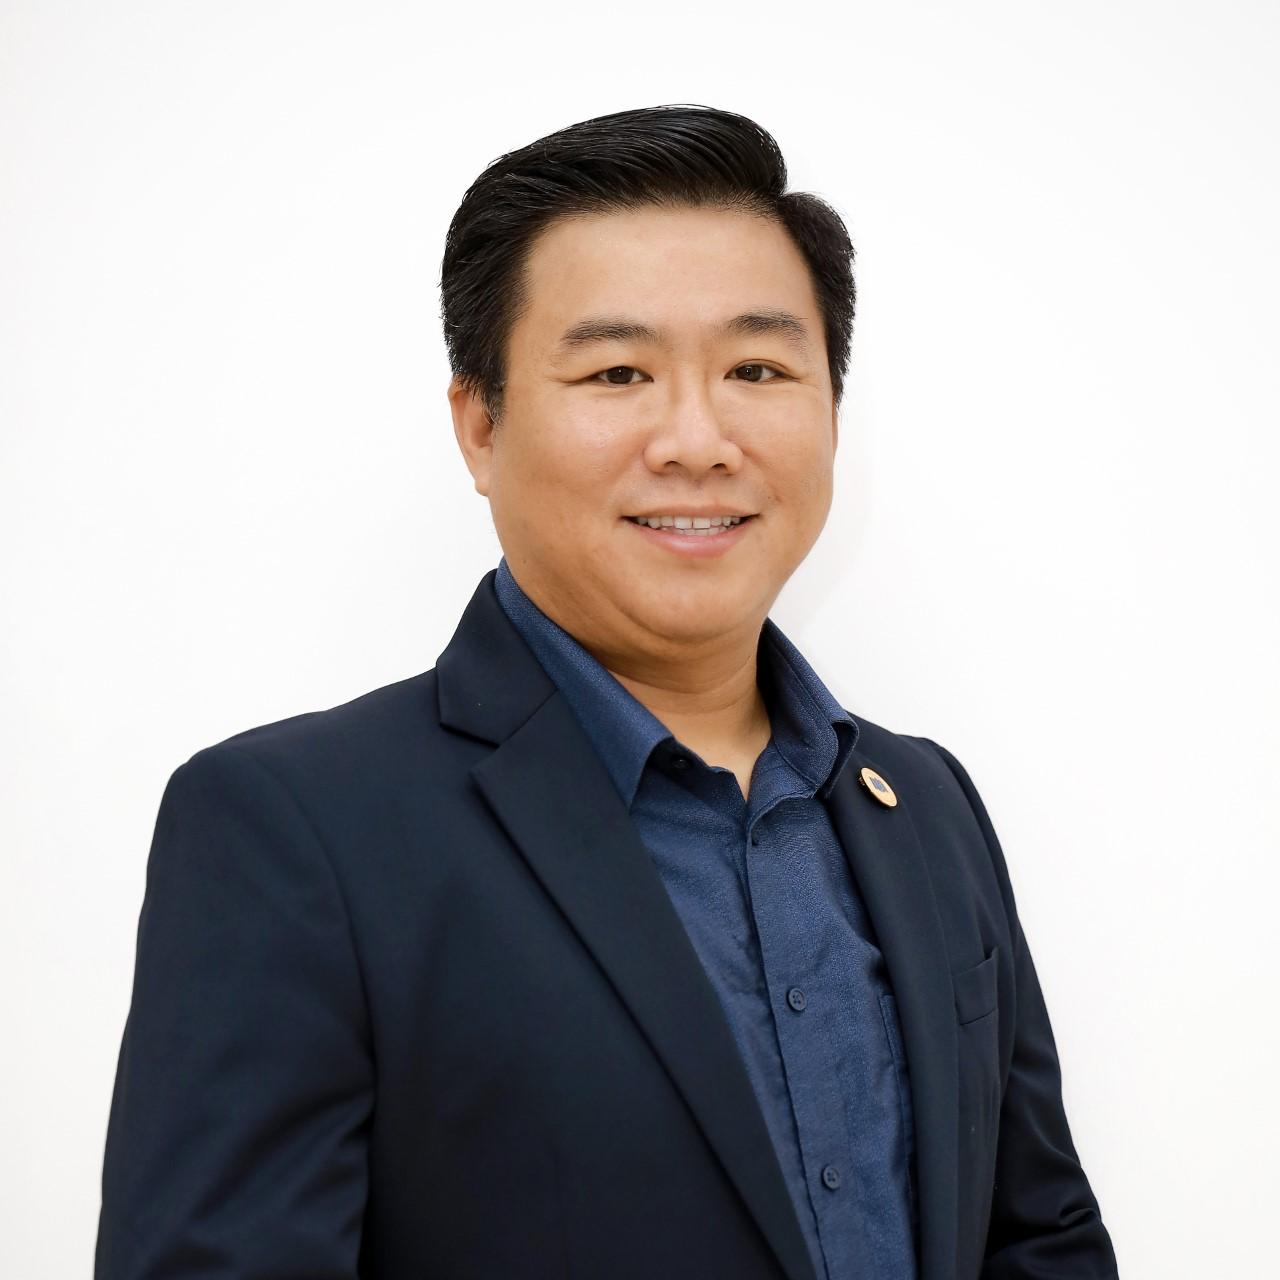 Phó giáo sư, tiến sĩ Nguyễn Khắc Quốc Bảo - Trưởng phòng Đào tạo, Viện trưởng Viện Công nghệ Tài chính, Đại học Kinh tế TP HCM .